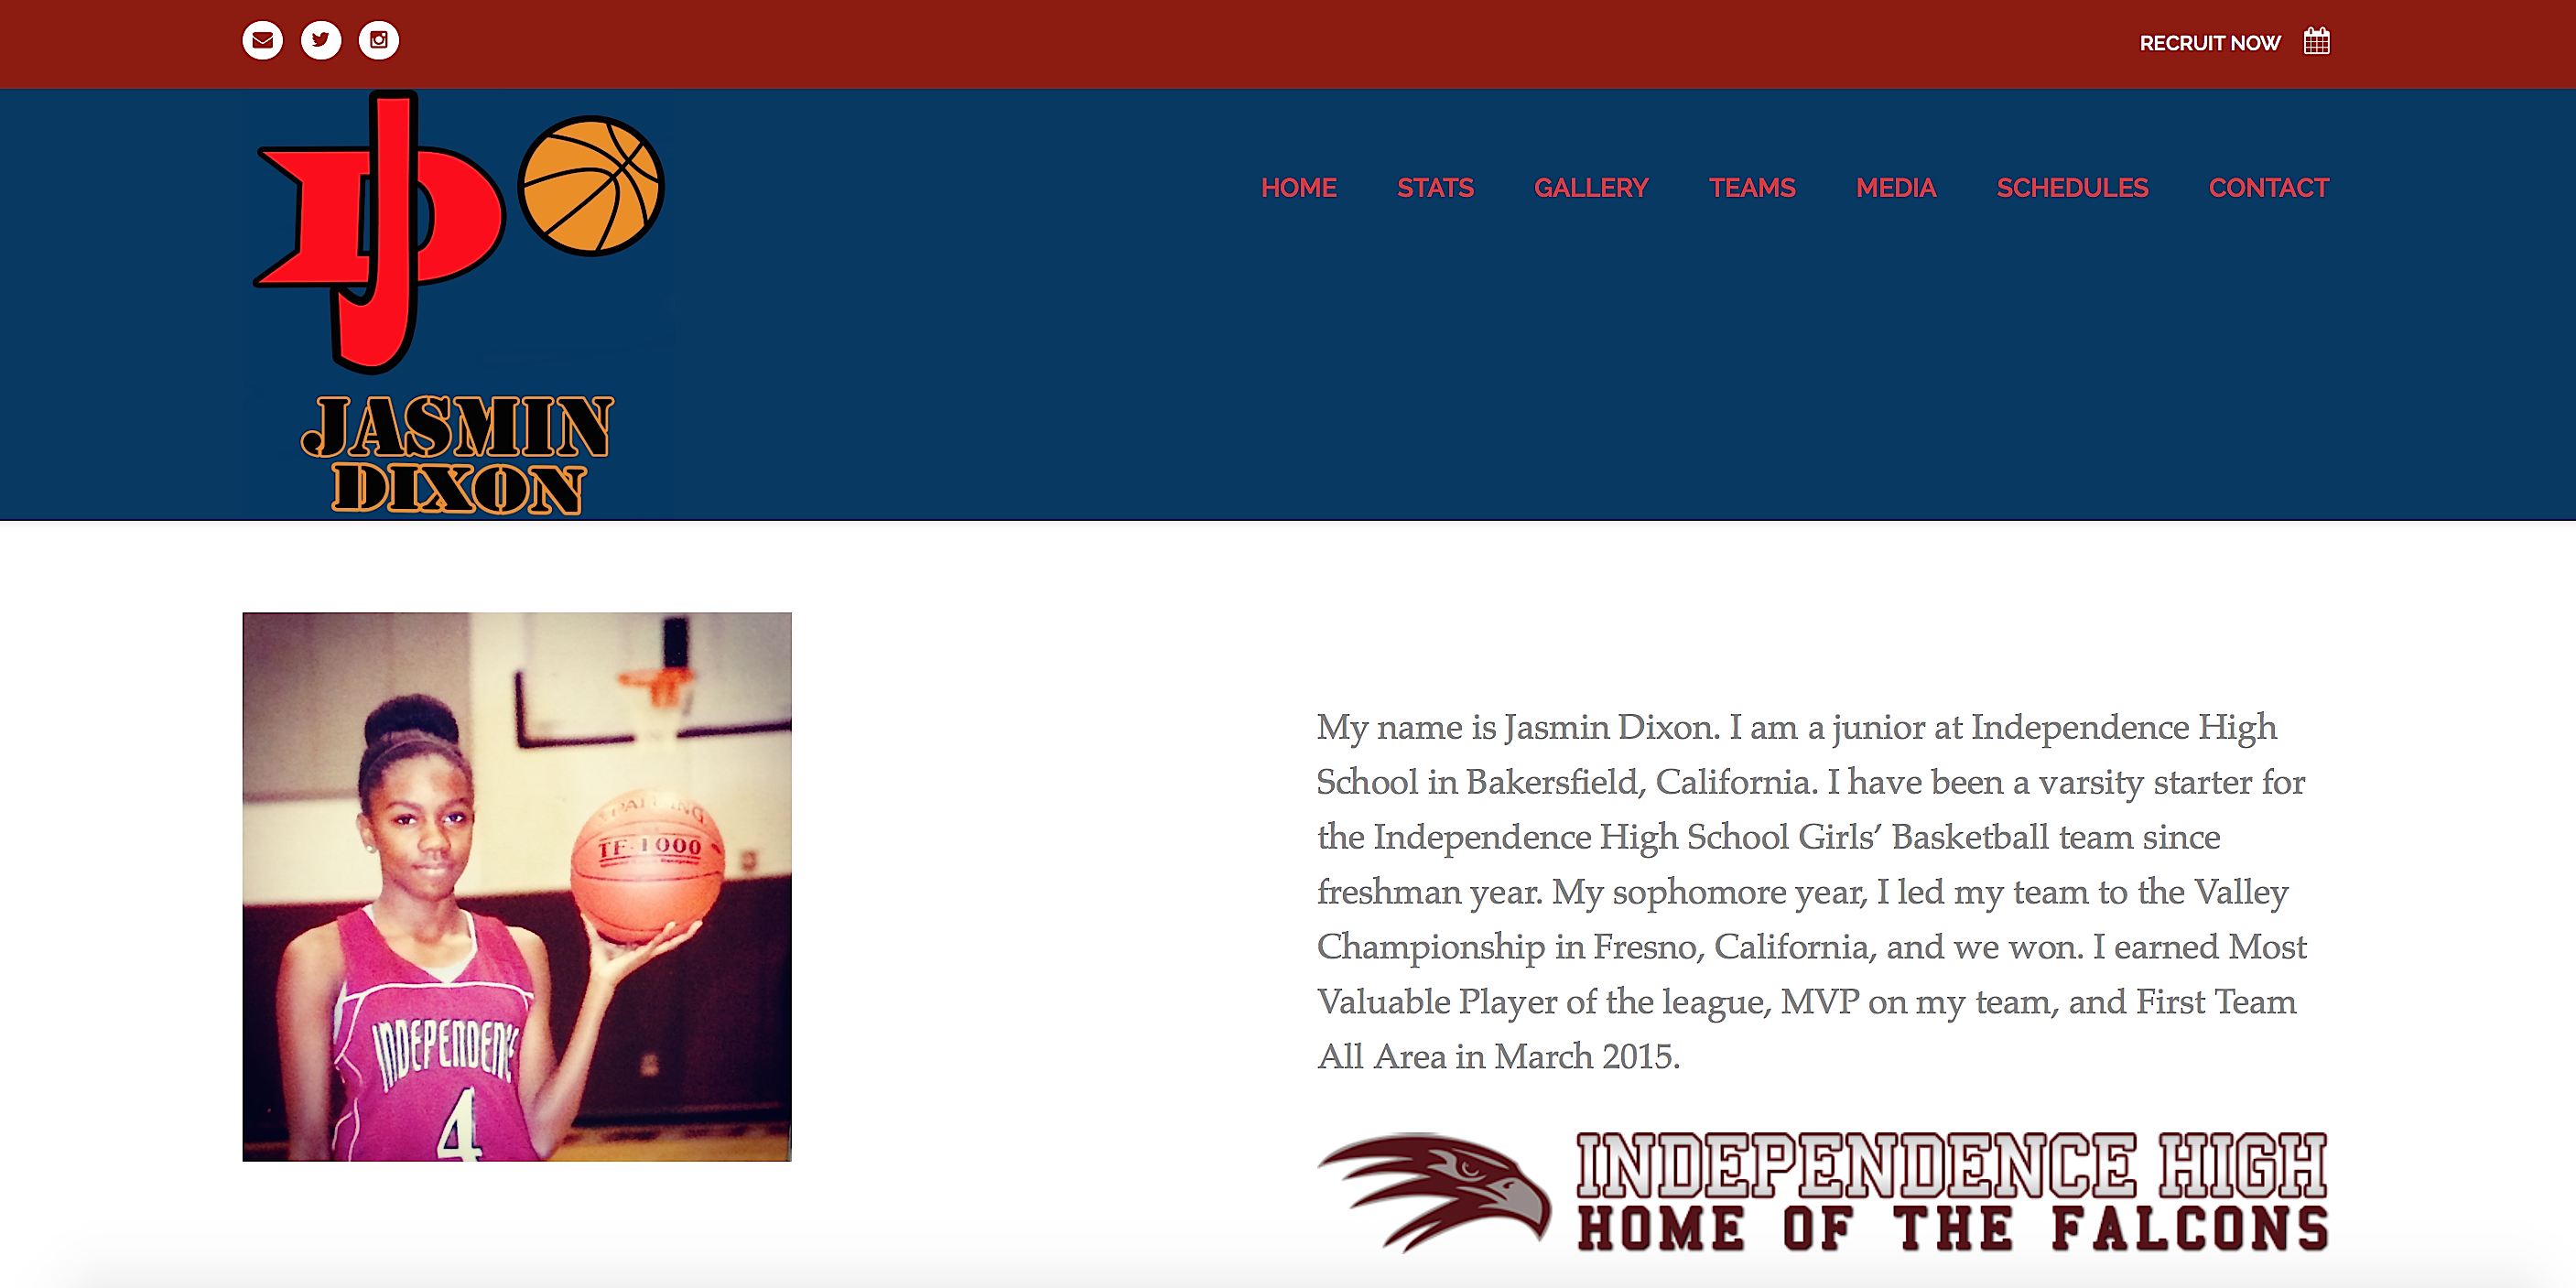 acme web design bakersfield, Bakersfield web design, logo design Bakersfield, Bakersfield logo design